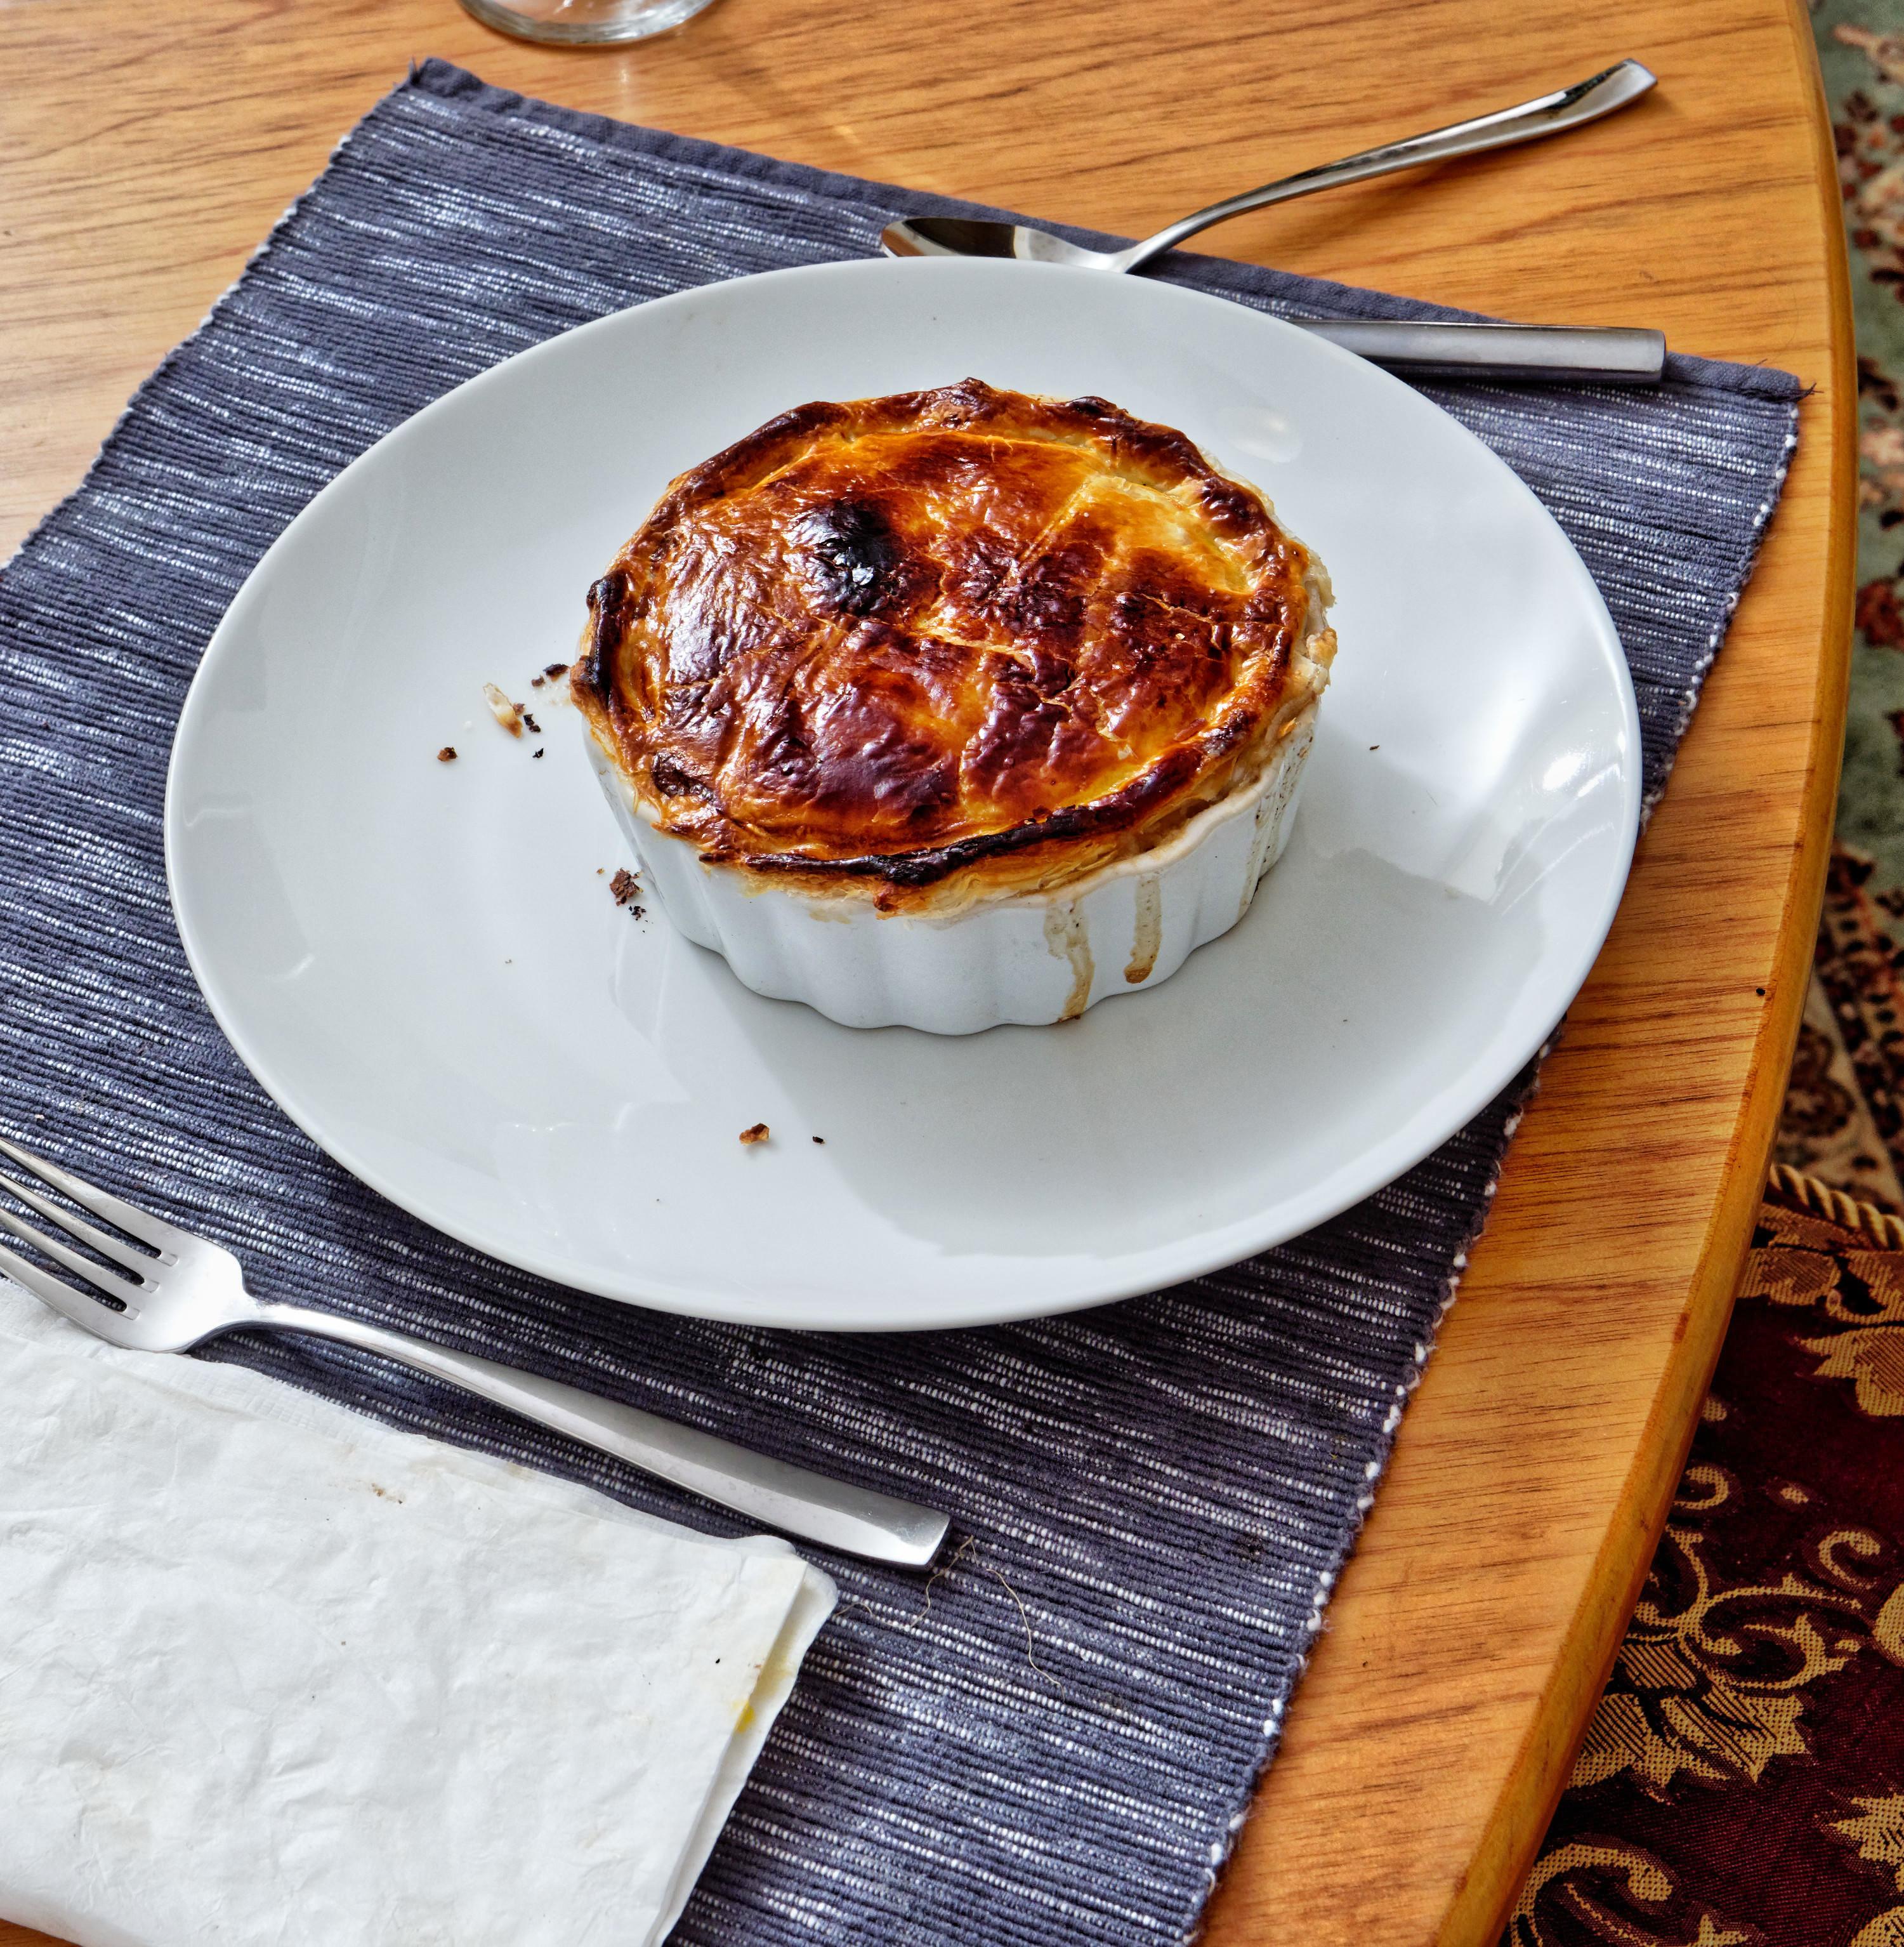 Steak-and-kidney-pie-12.jpeg